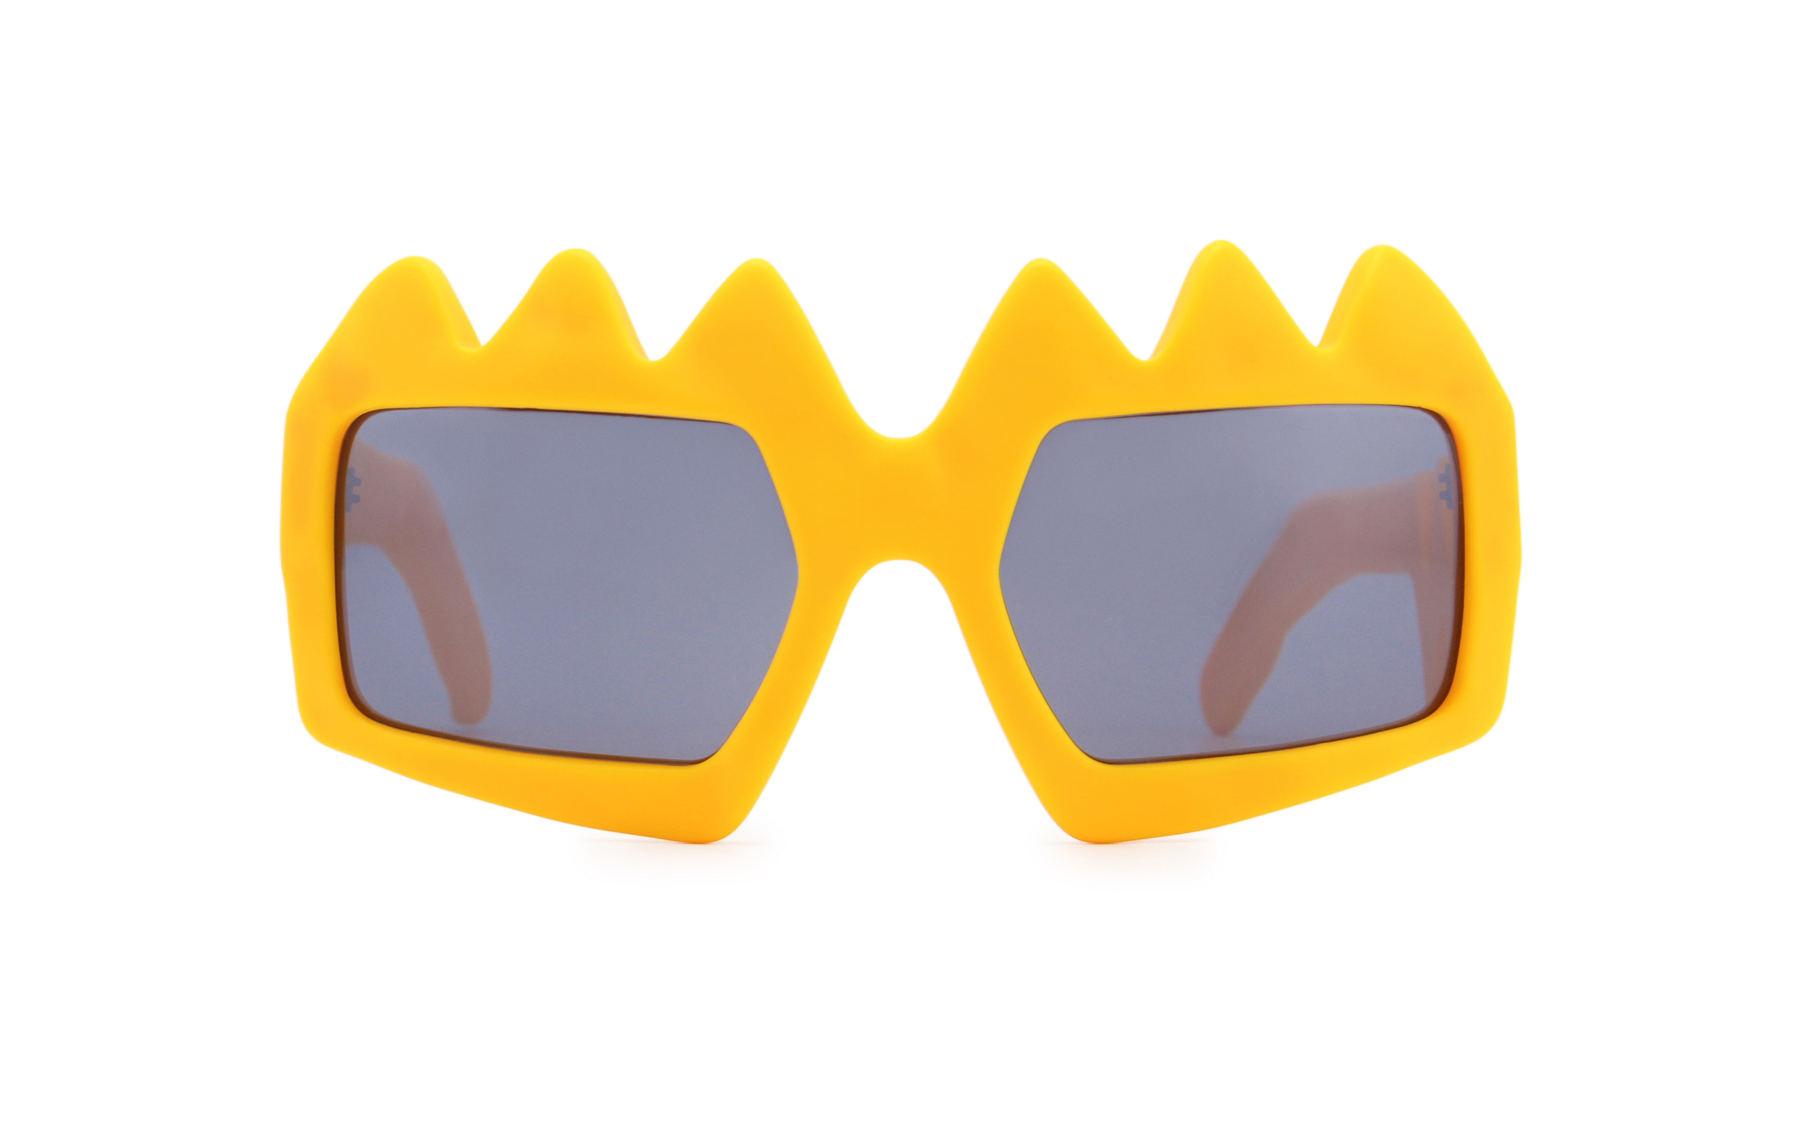 FAKBYFAK x Walter Van Beirendonck  Bliksem Sunglasses. Zinnia Orange Code: 09/13/06